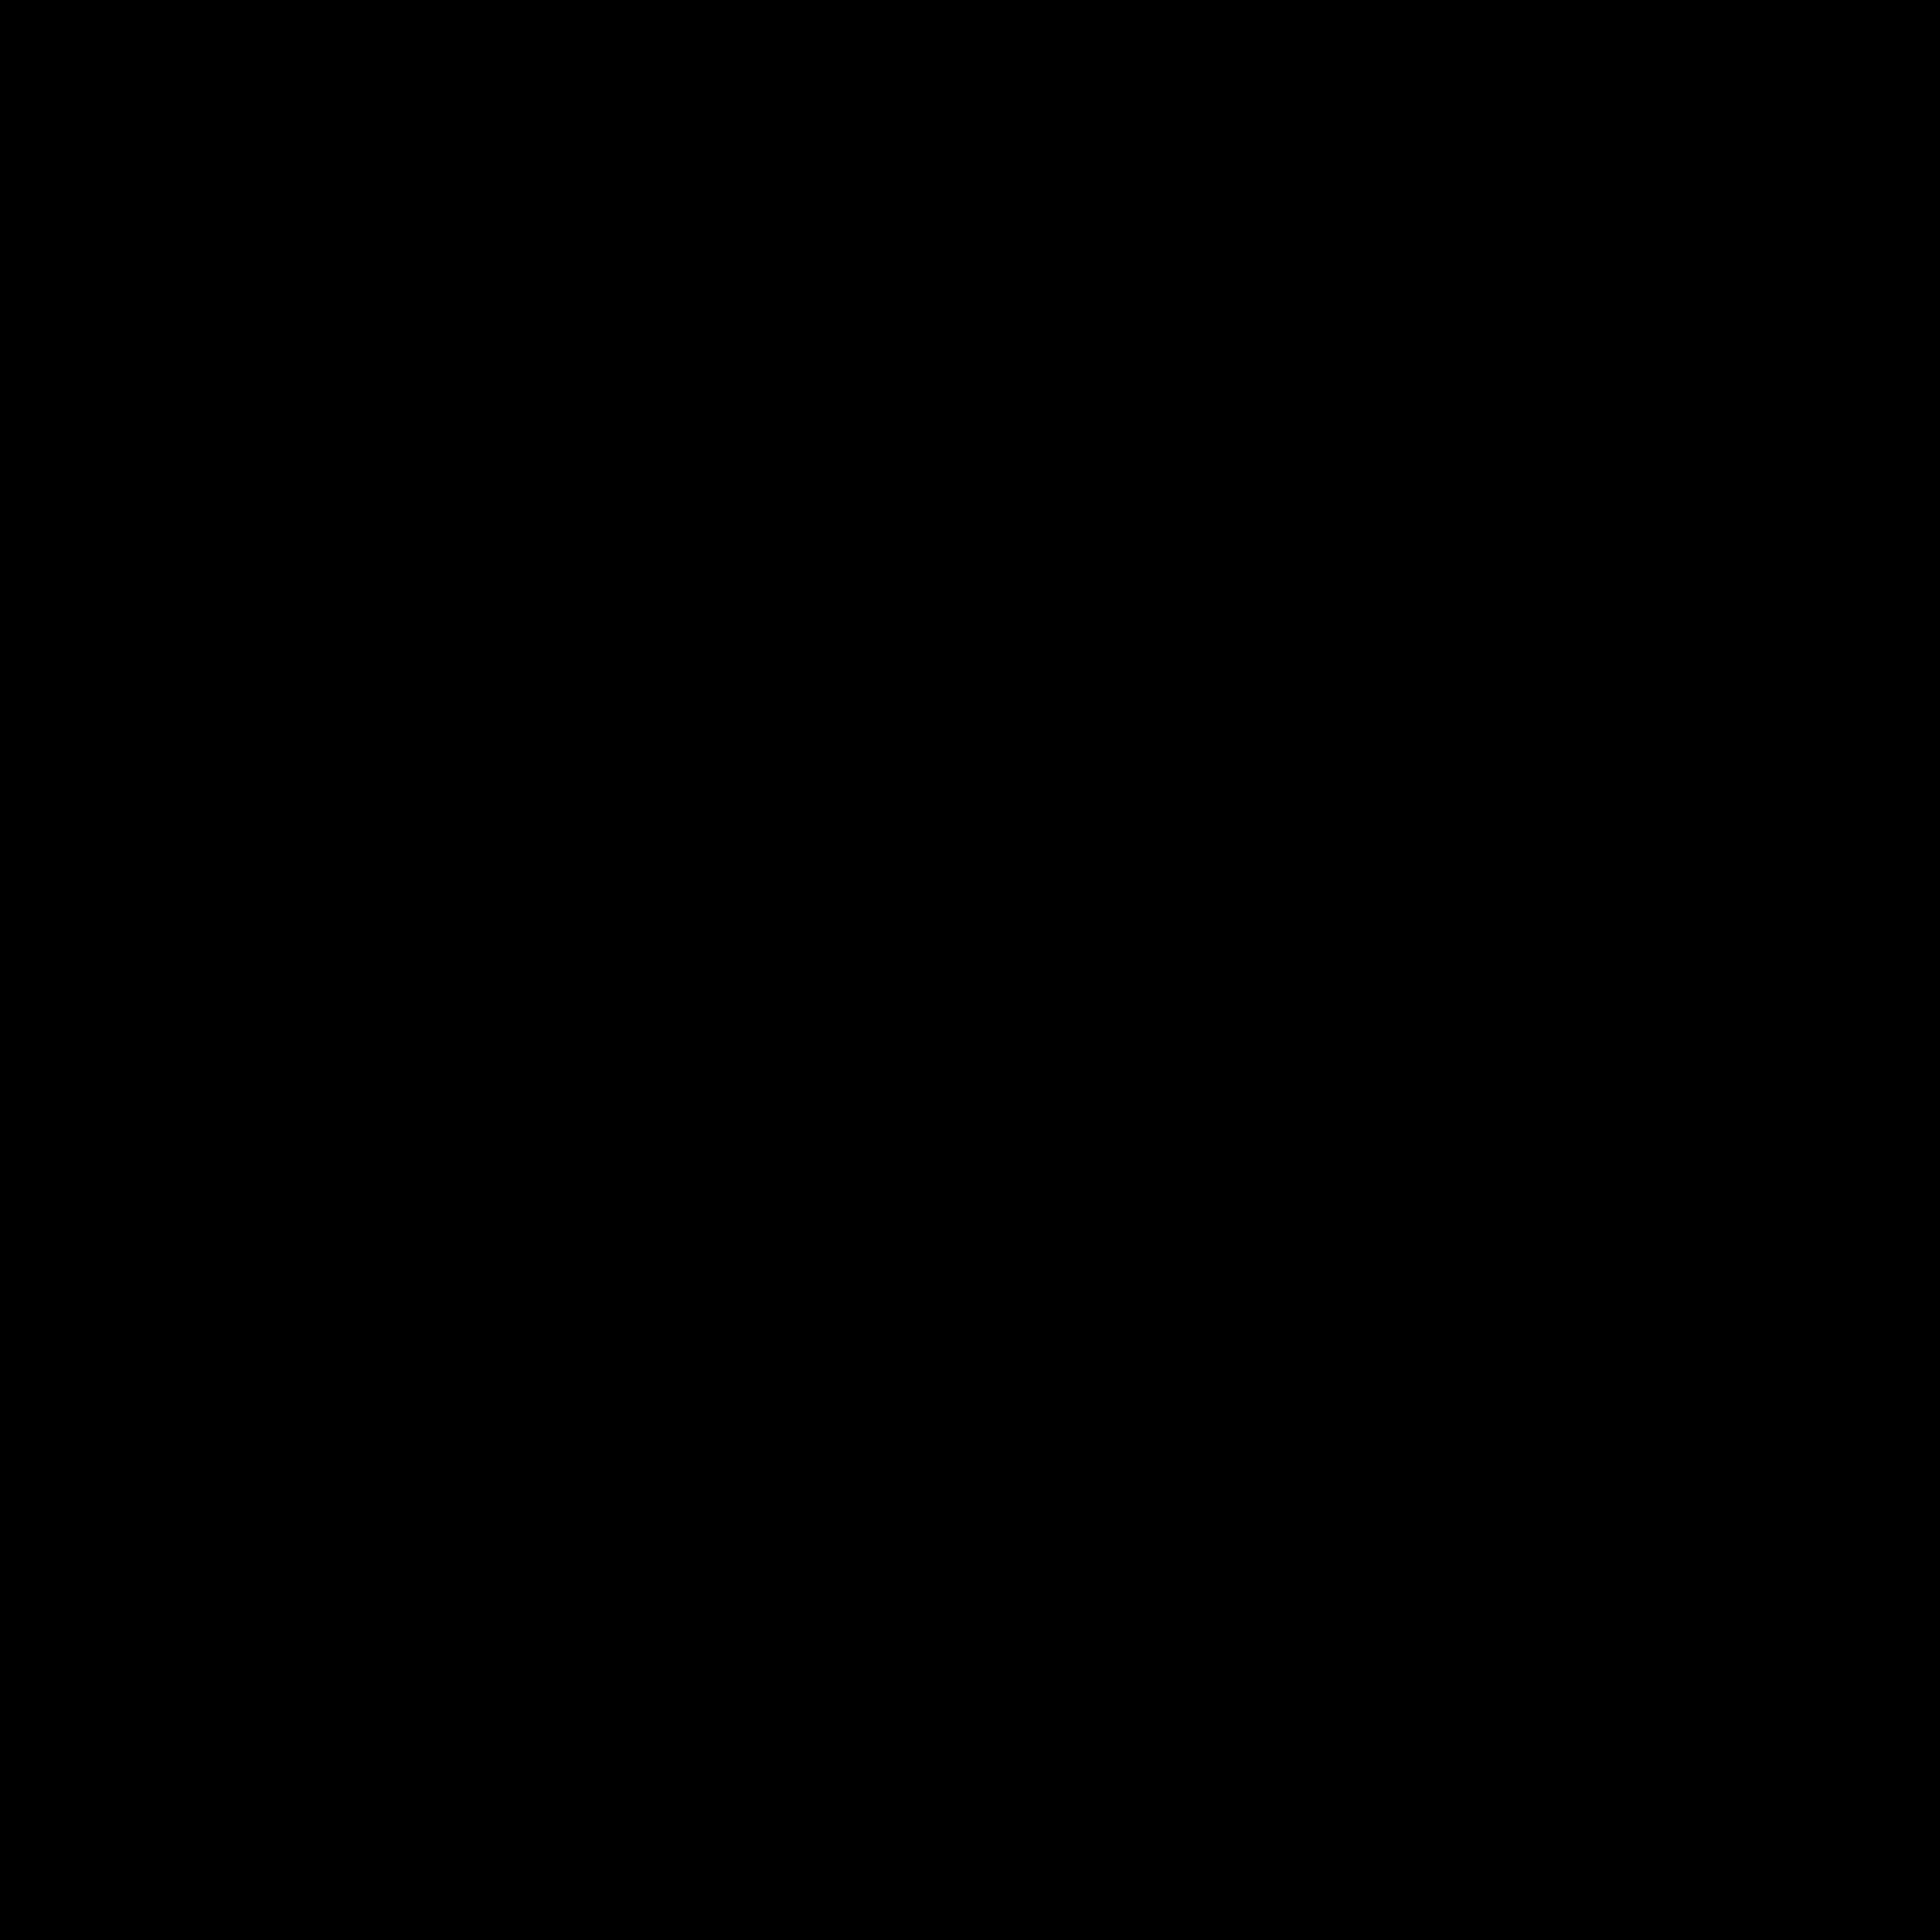 FUTAL